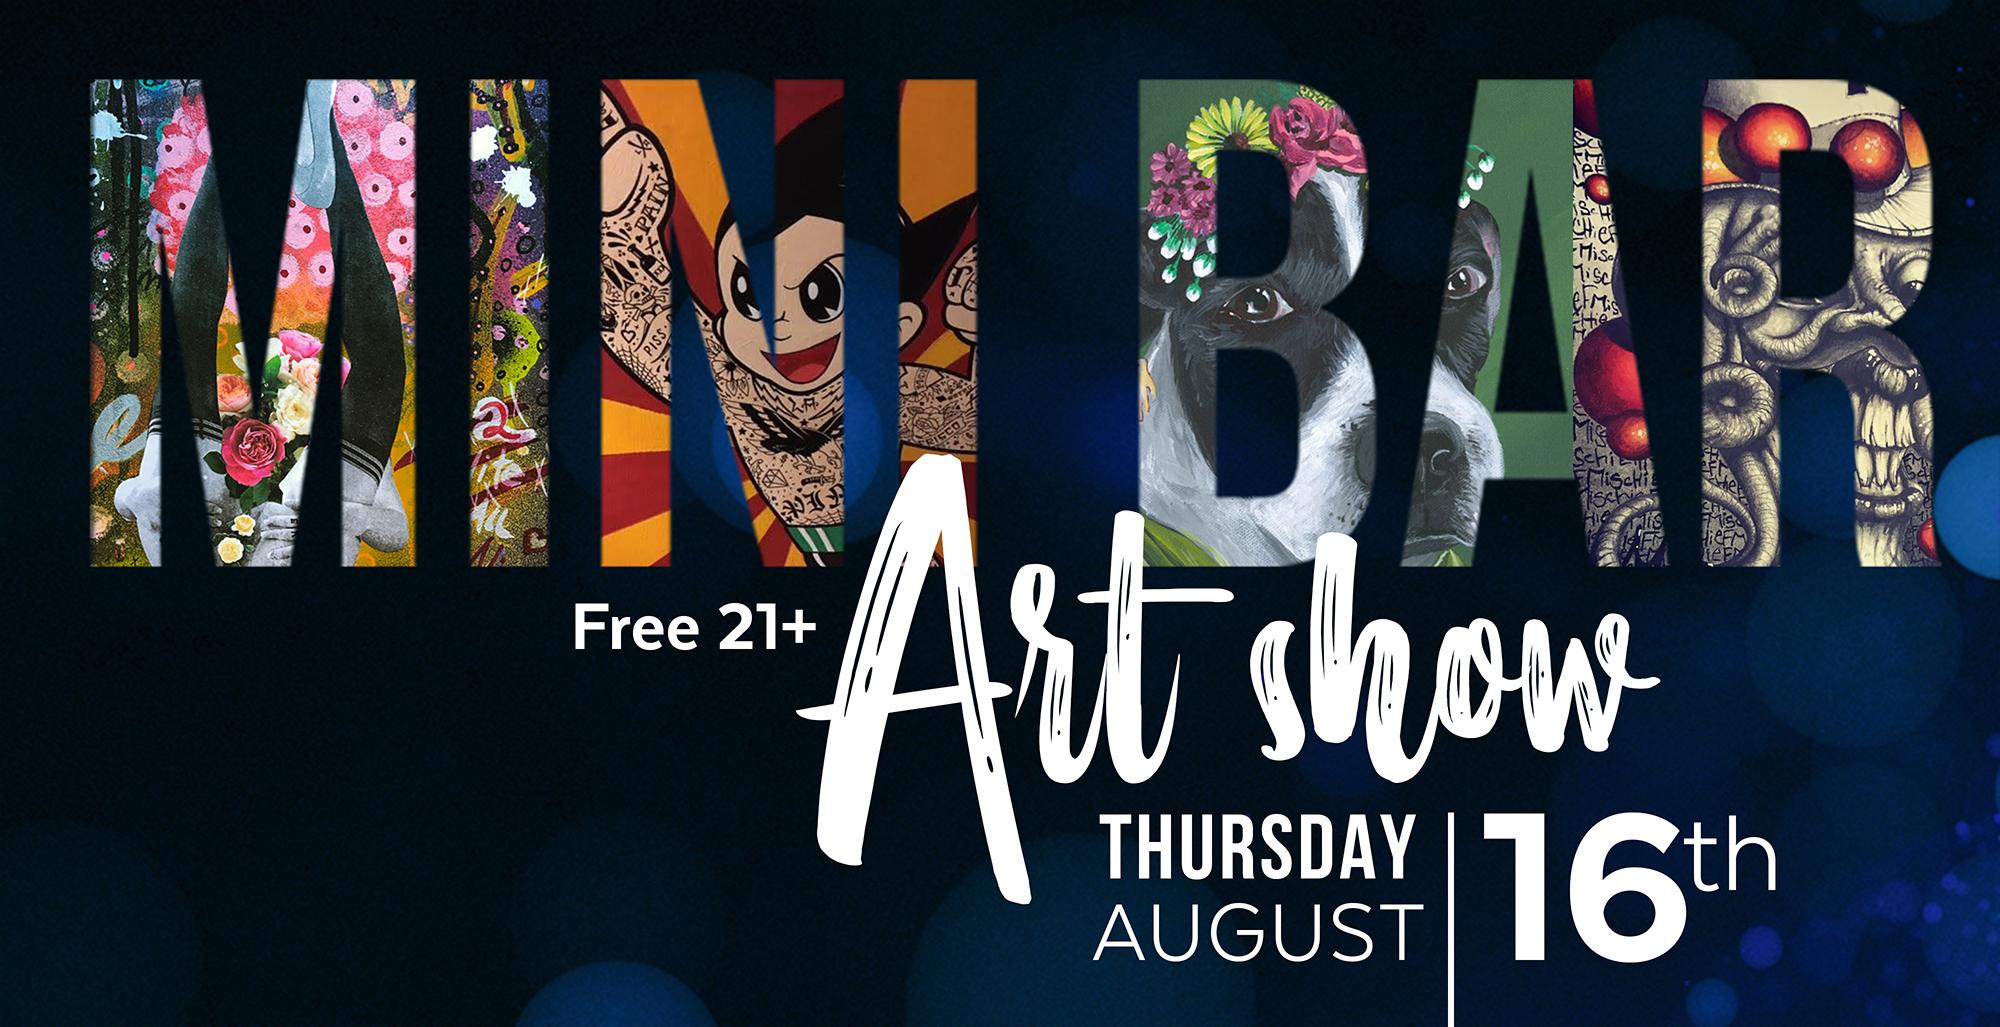 Event Poster: Mini Bar SF Art Show 8-16-18 - 837 Divisadero St, San Francisco, CA 94117